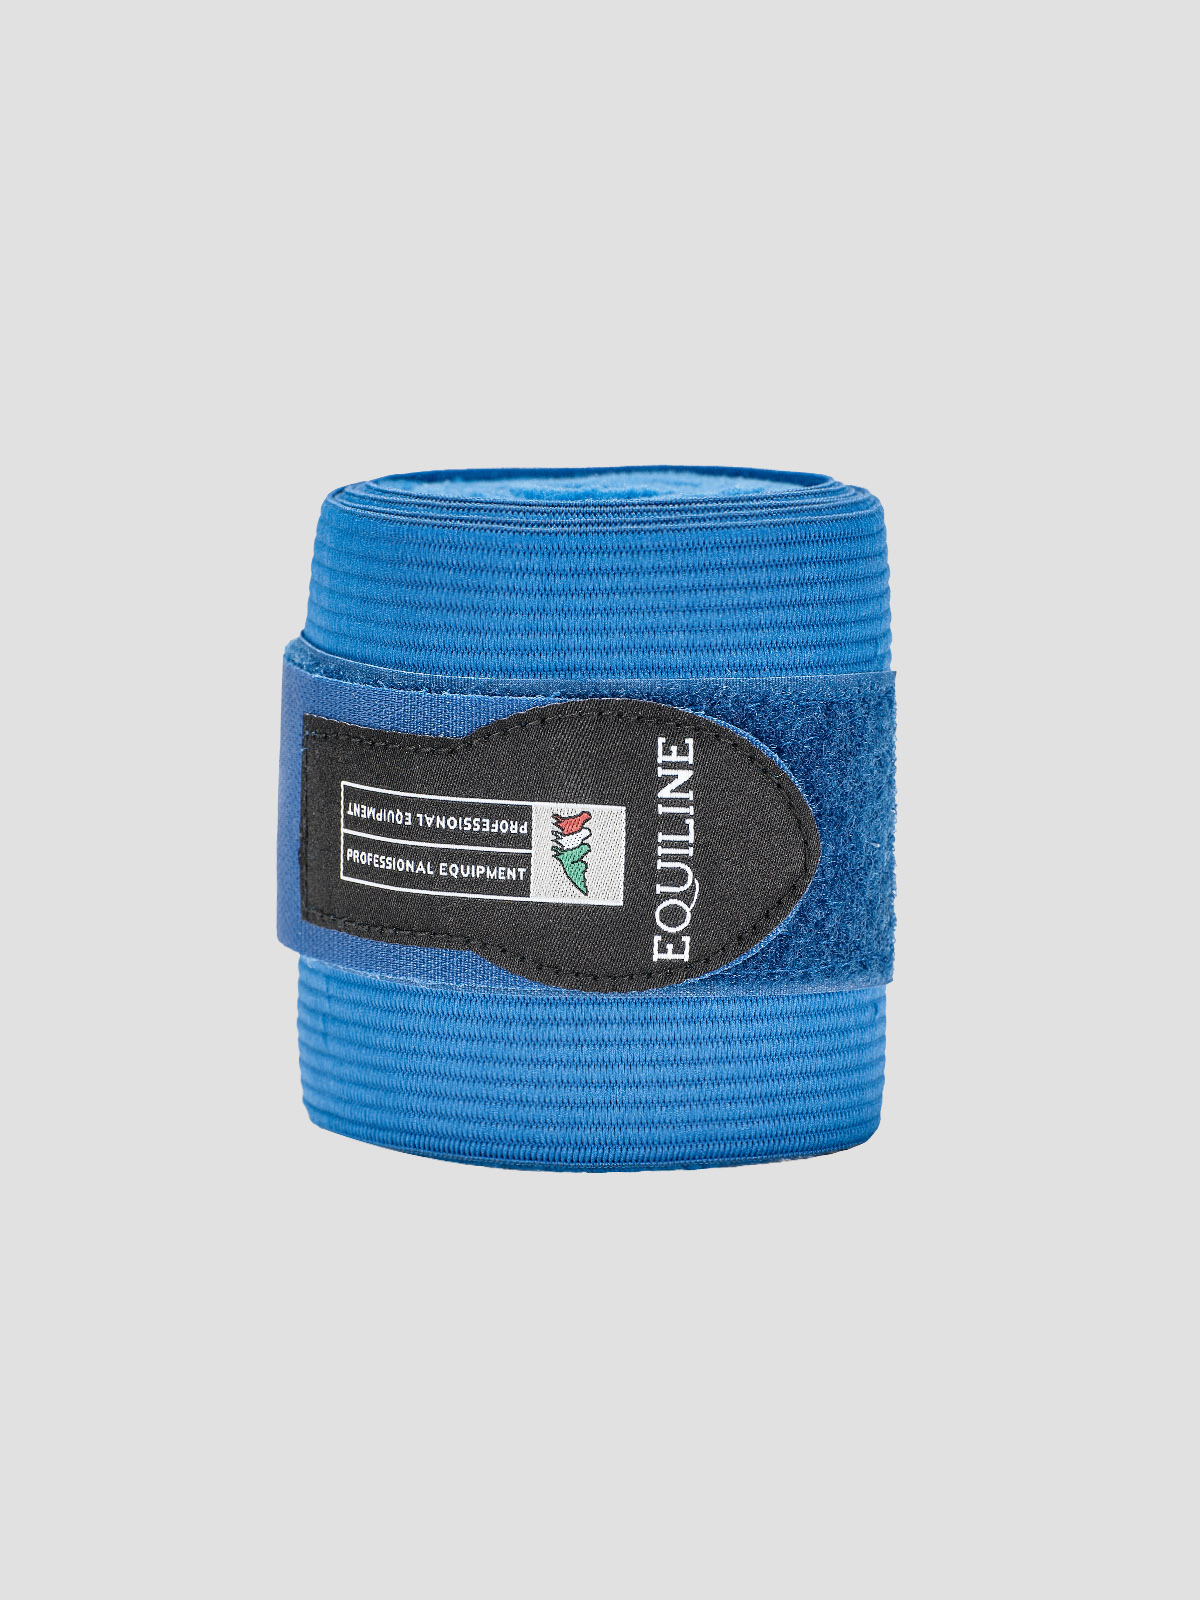 WORK - Fleece and Elastic Bandages 1